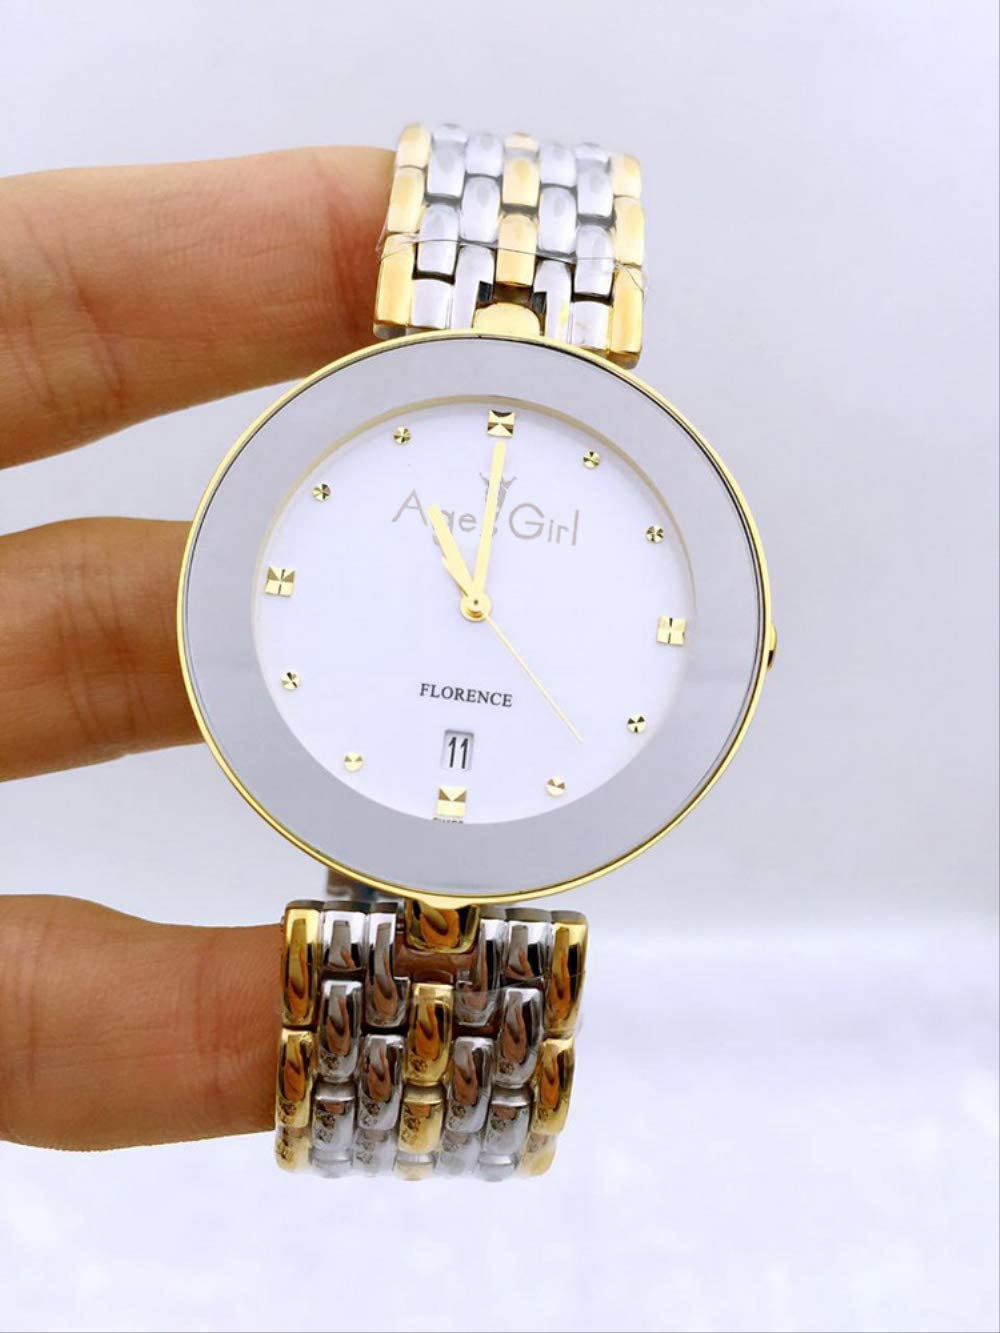 PLKNVT Top Luxury Rhinestone Pulsera De Acero Inoxidable Completa Relojes De Las Mujeres De Los Hombres De Las Mujeres Oro Cuarzo Plata Blanco Negro Hora MontreMens 36Mm